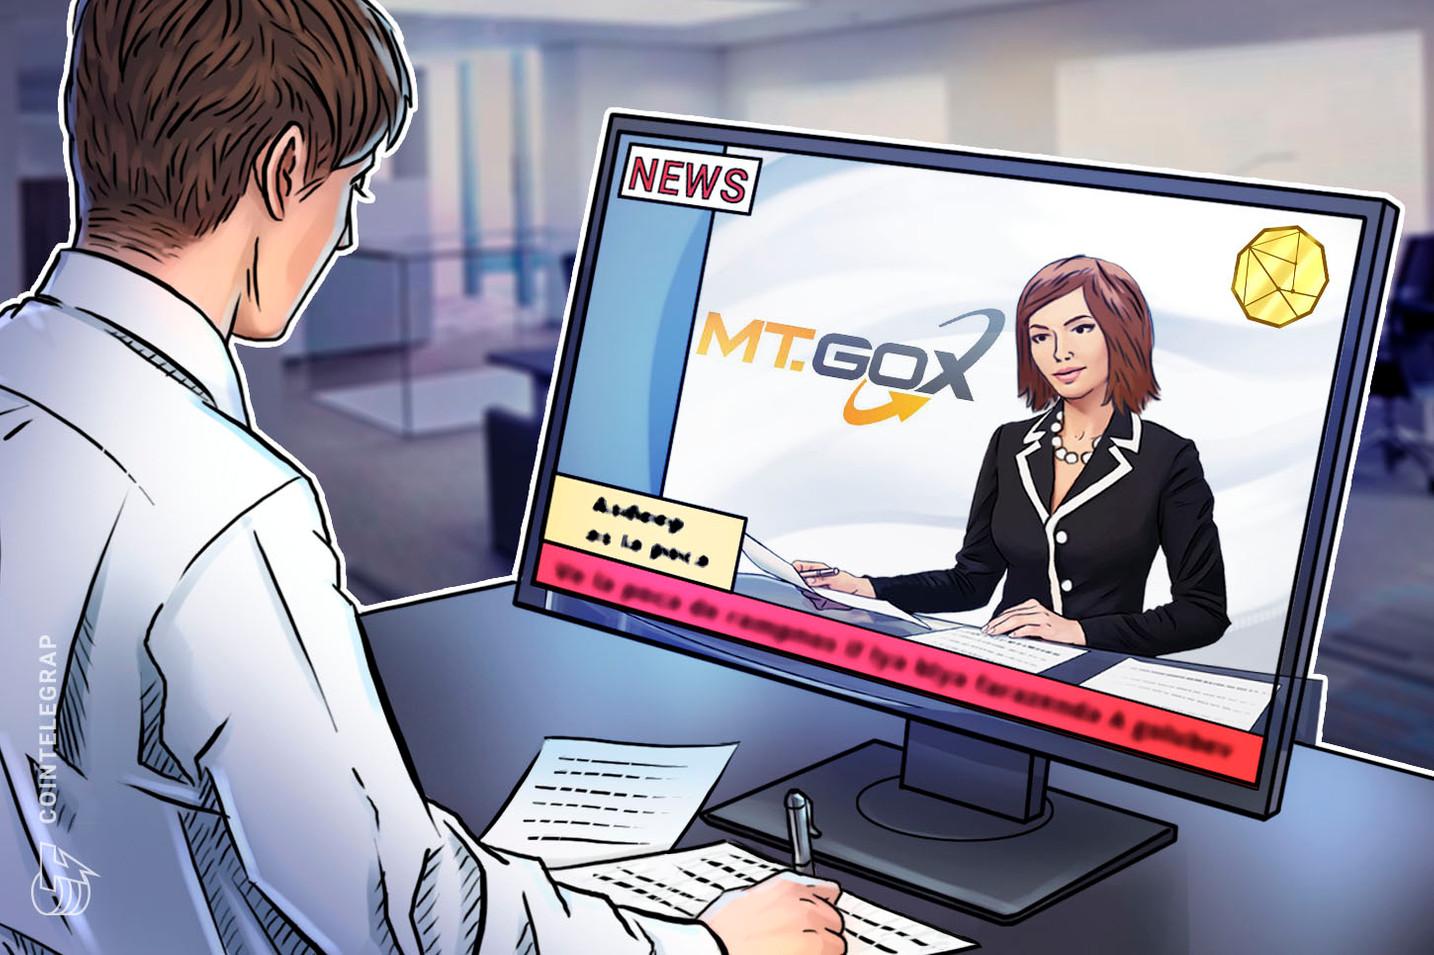 Mt. Gox-Treuhänder bemüht sich um Fristverlängerung für Einreichungen